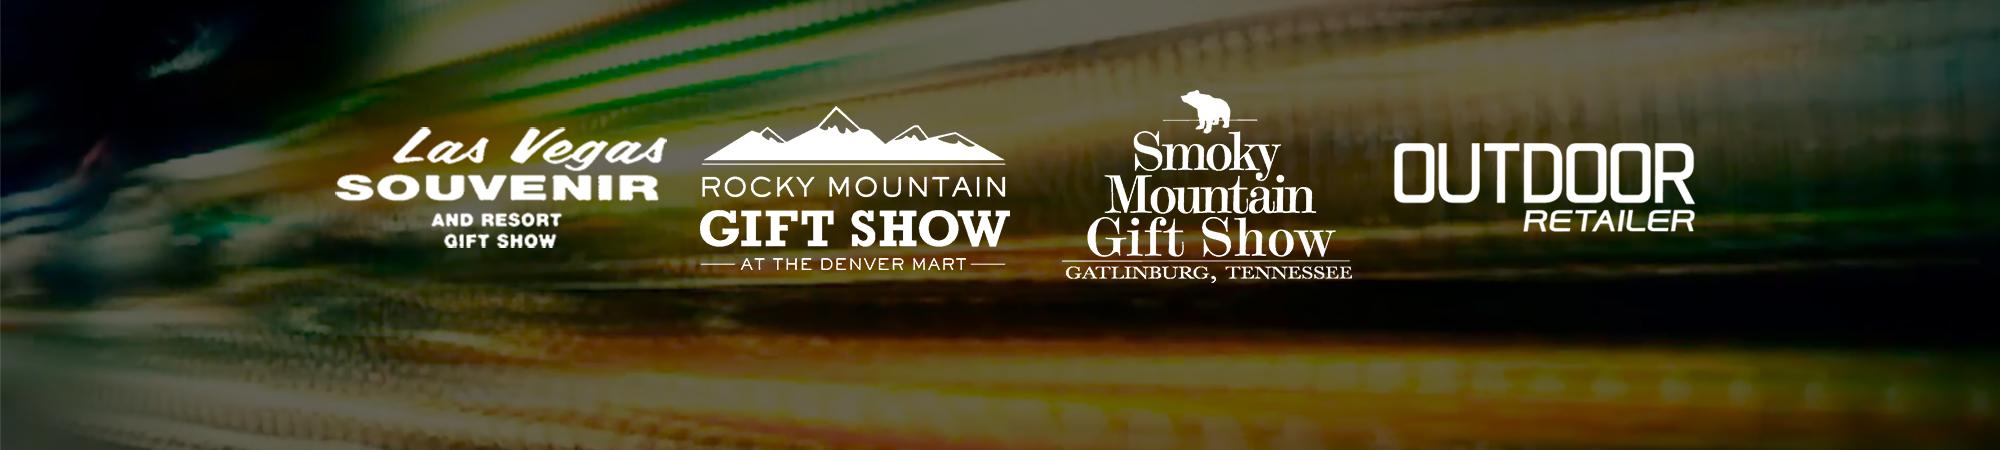 trade show logos, white, smoky mountain gift show, las vegas souvenir gift show, rocky mountain gift, outdoor retailer, renegade 2018 2019, bg